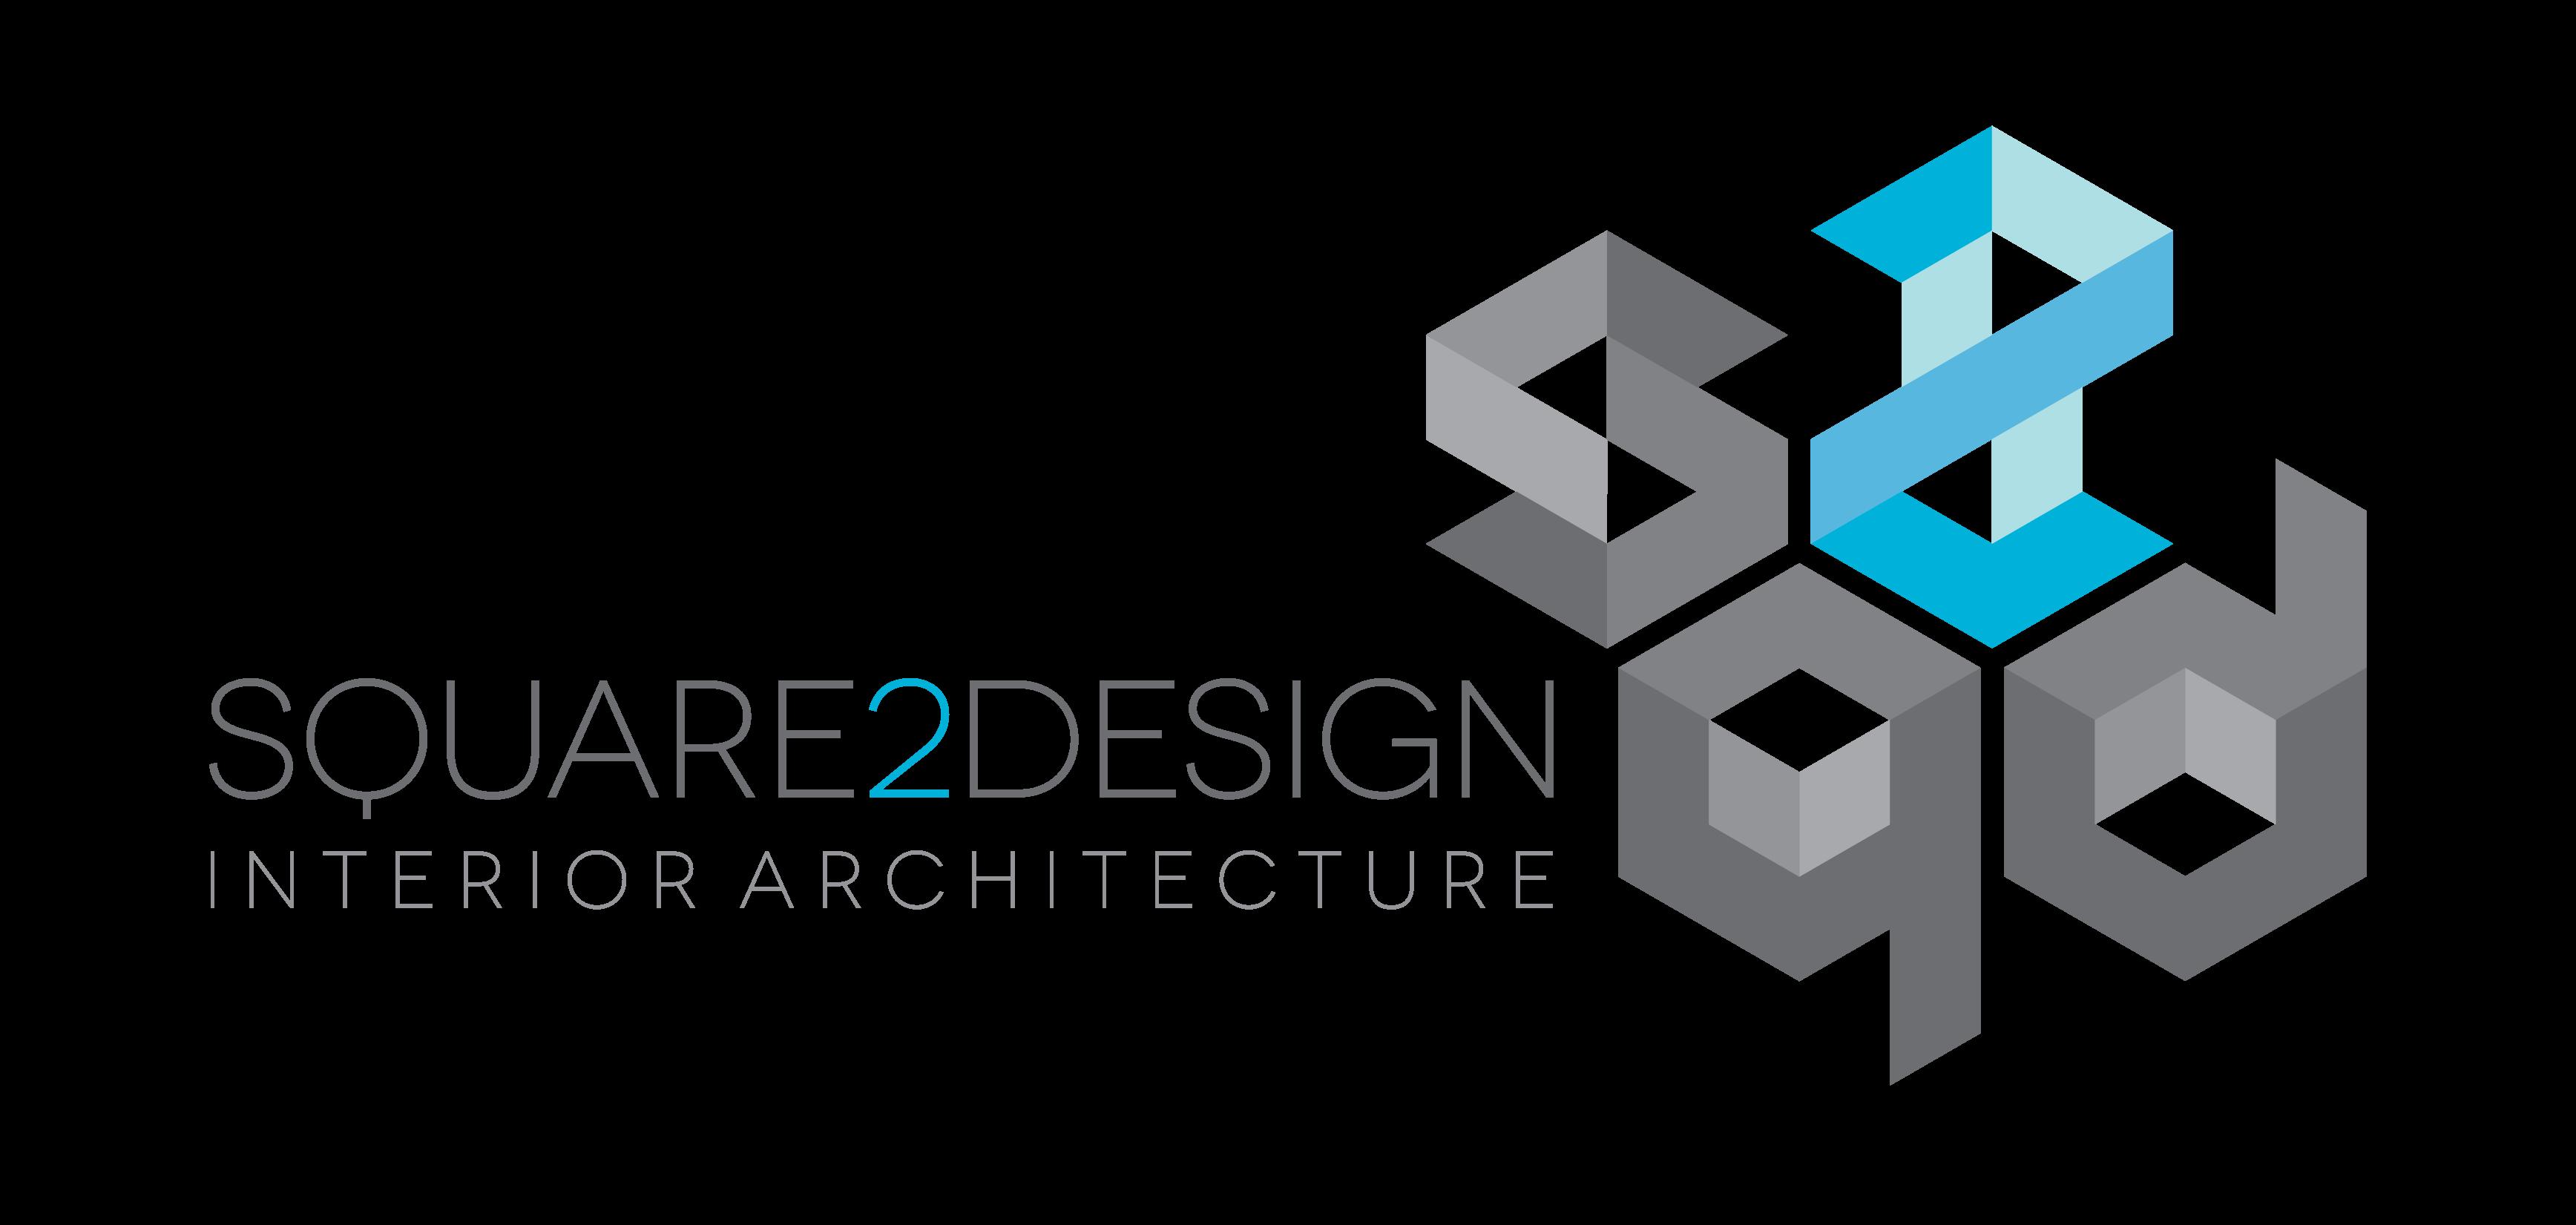 Square2Design